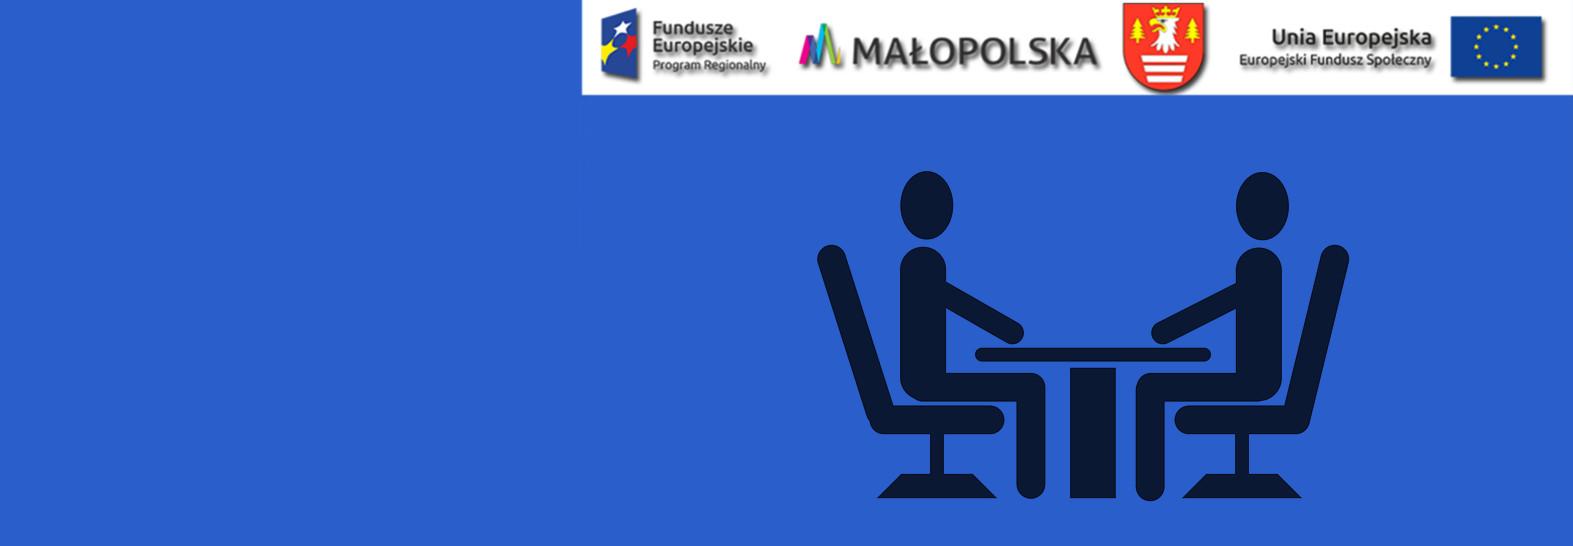 Realizujemy projekt unijny Wzmocnienie konkurencyjności uczniów na rynku pracy